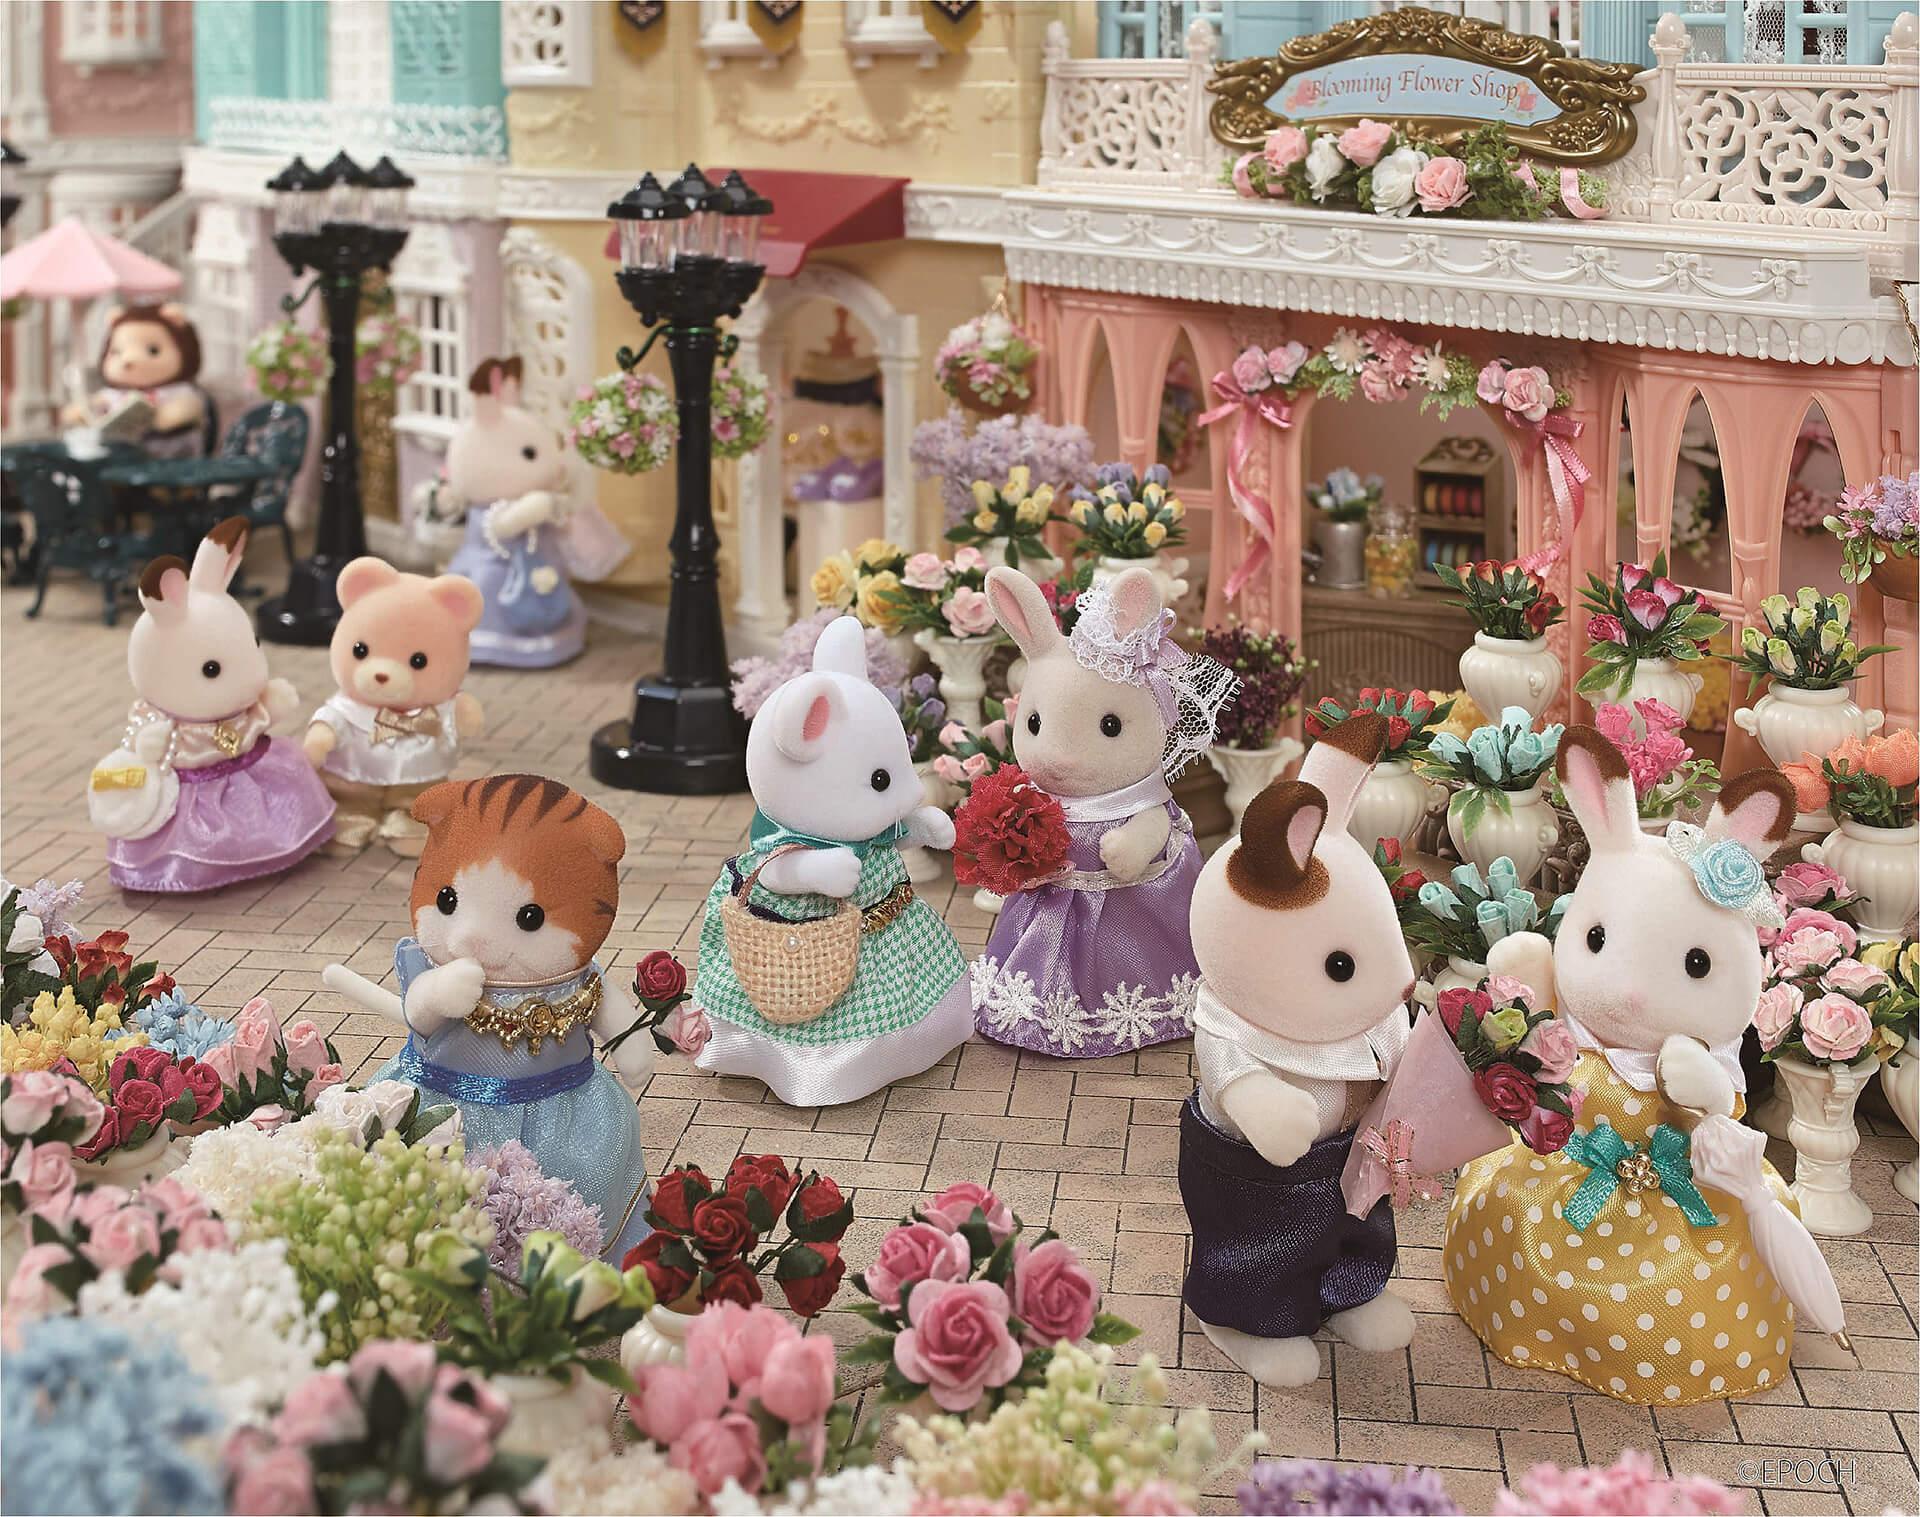 シルバニアファミリー わくわくフェスタ2019 in 横浜人形の家メインビジュアル